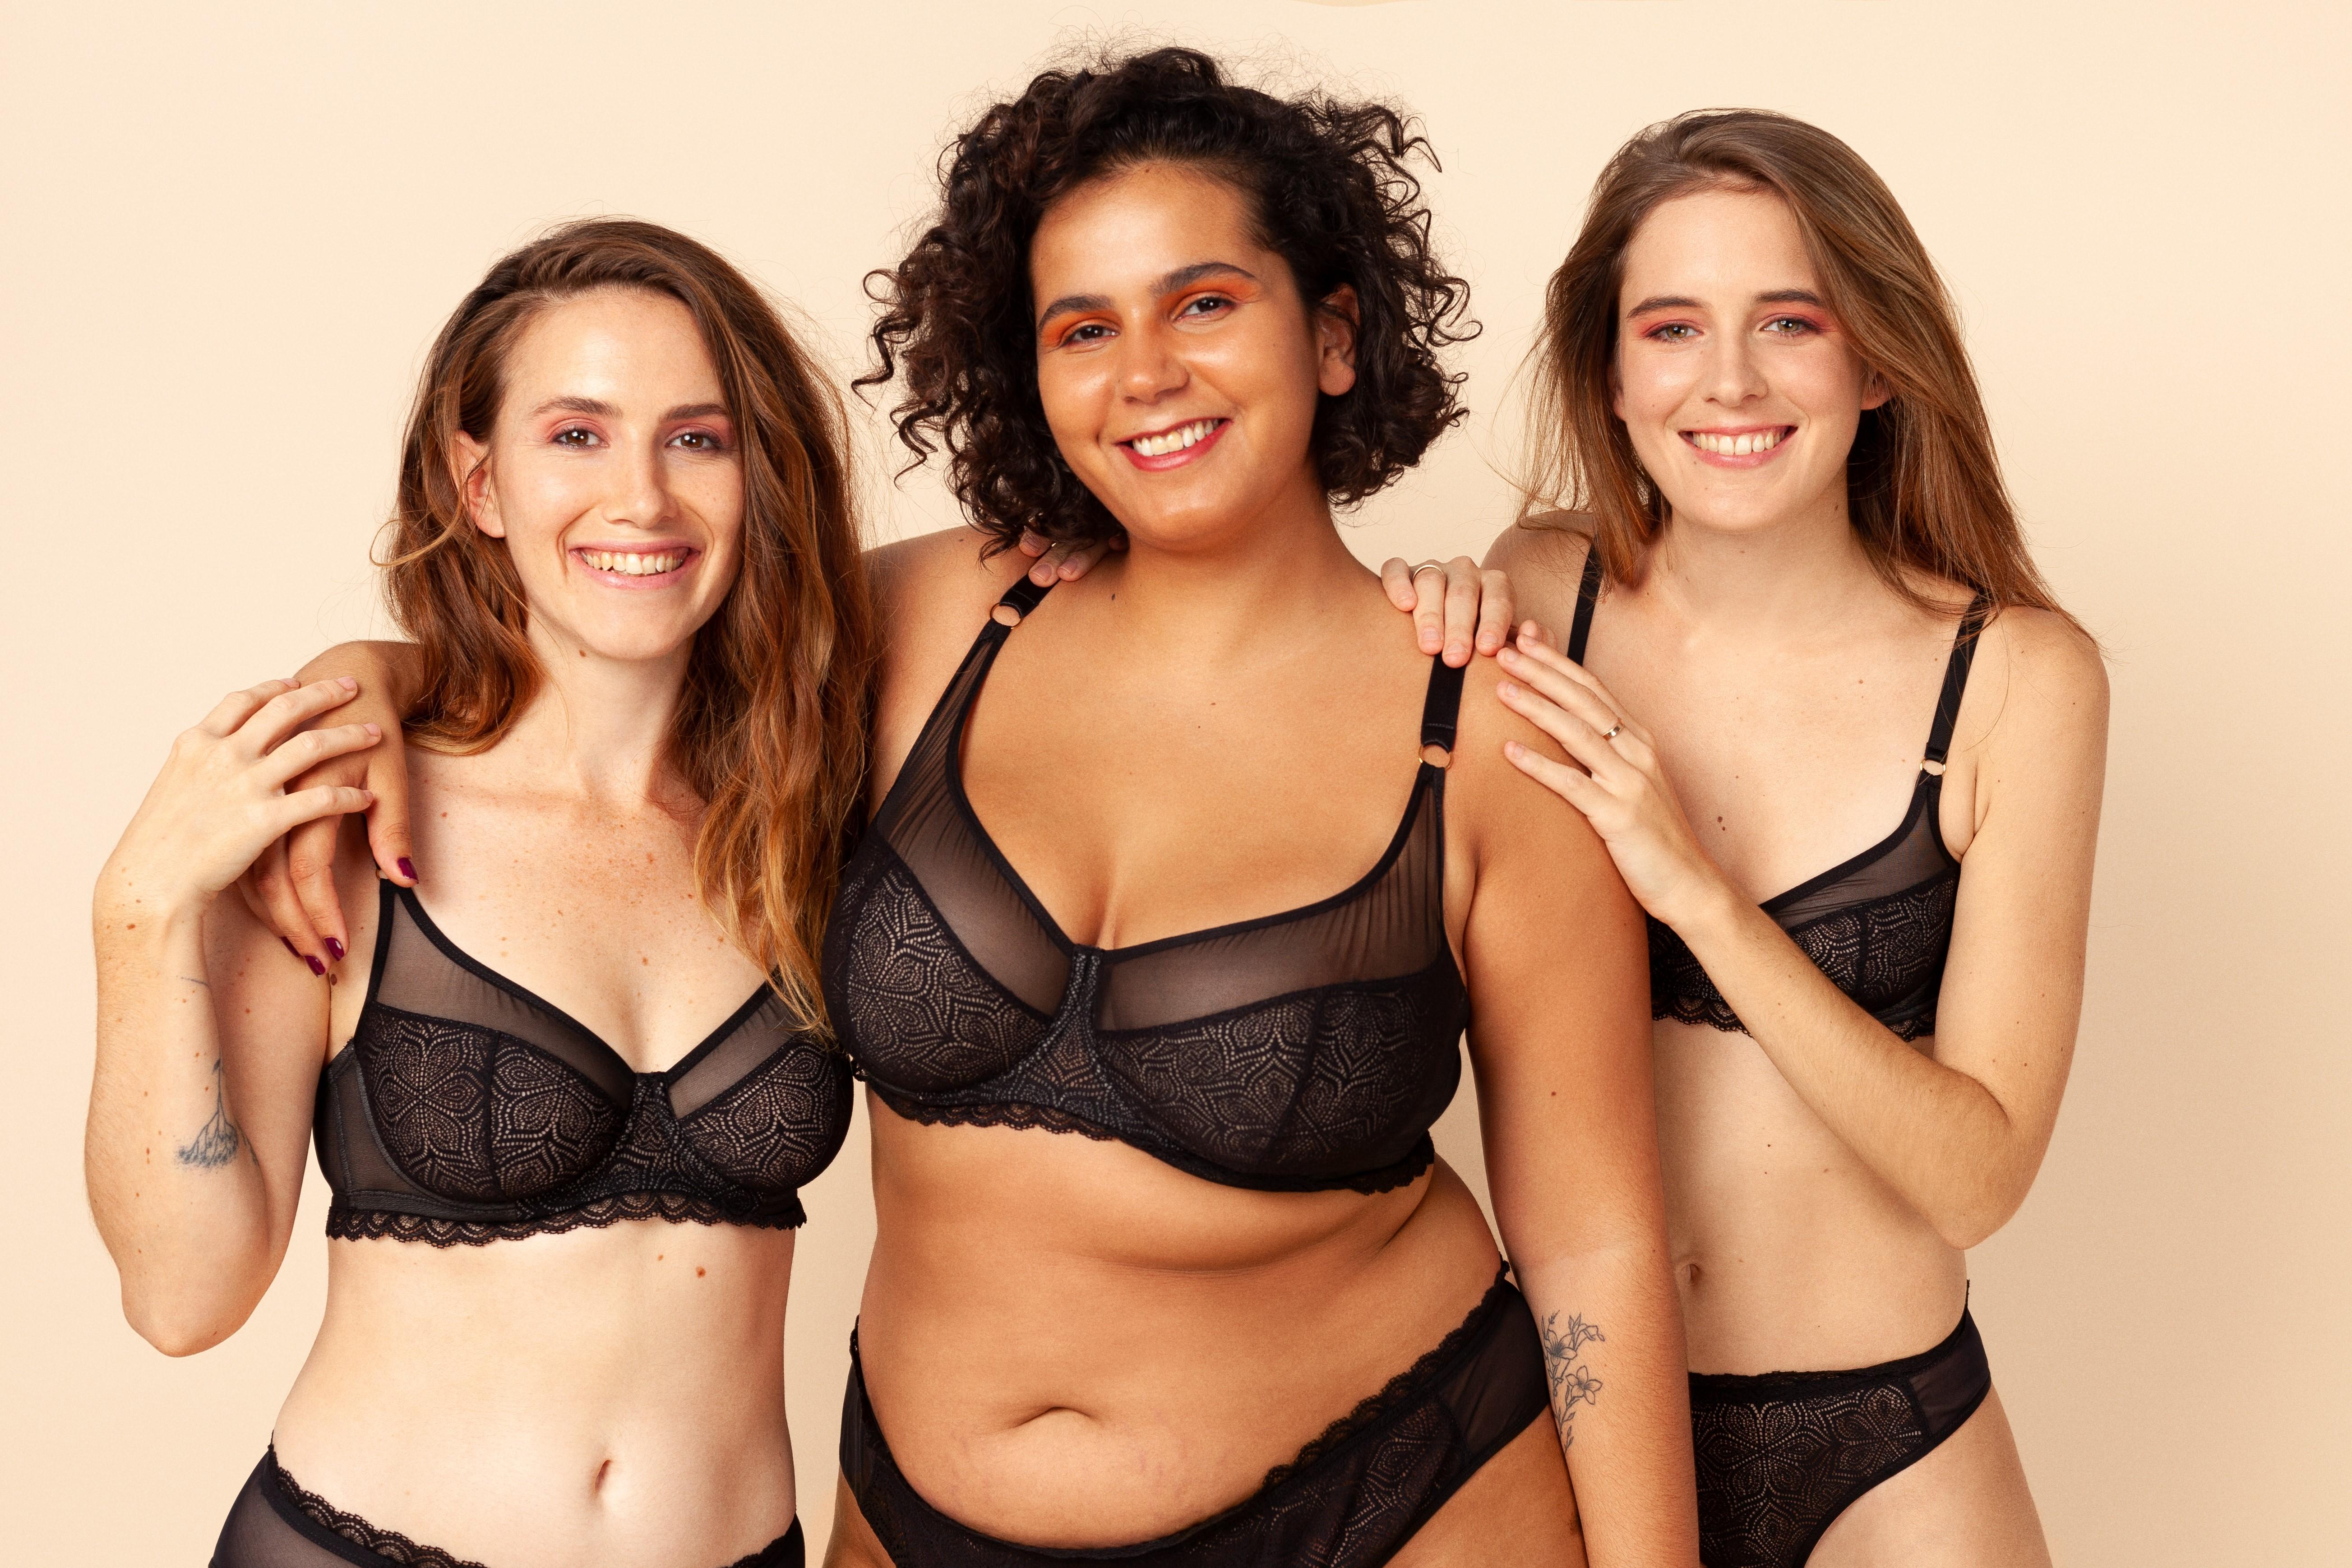 Le produit lolo lingerie porté par 3 femmes aux morphologies différentes